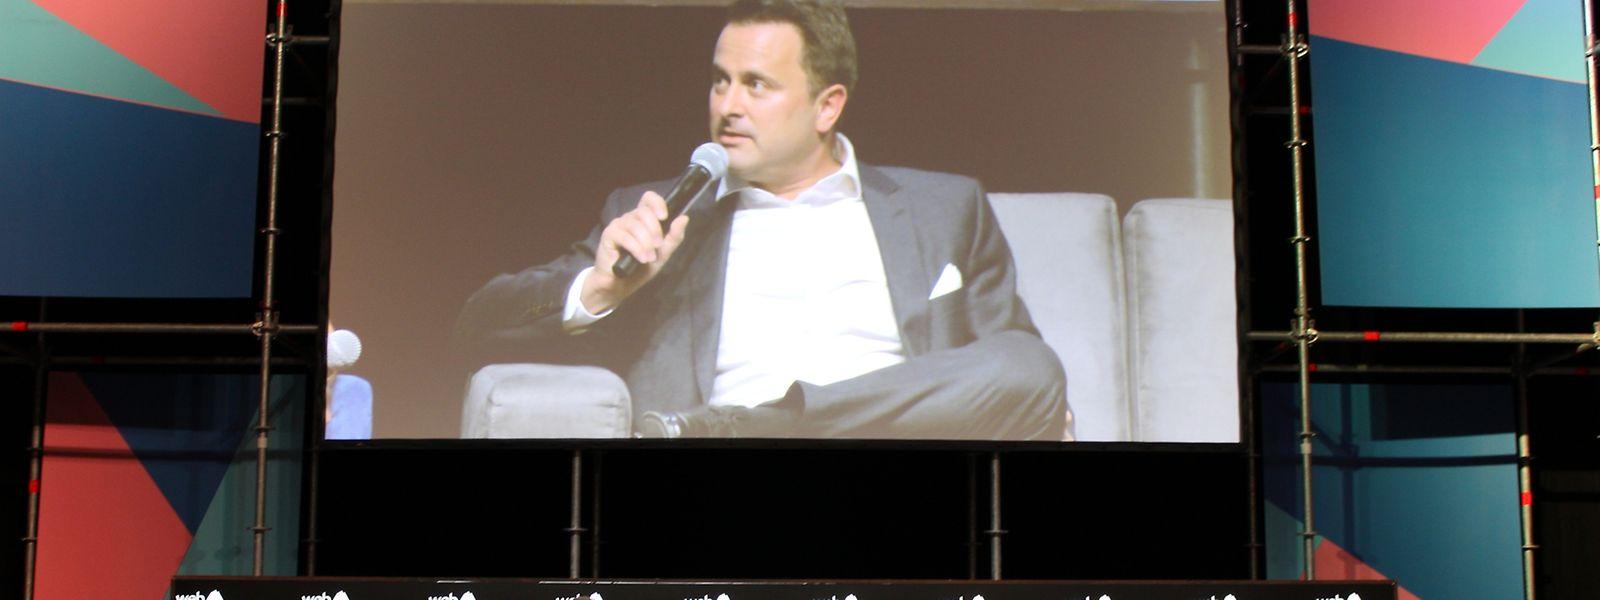 Le Premier ministre a vanté les mérites du Luxembourg en ce qui concerne le numérique et les facilités offertes aux entreprises